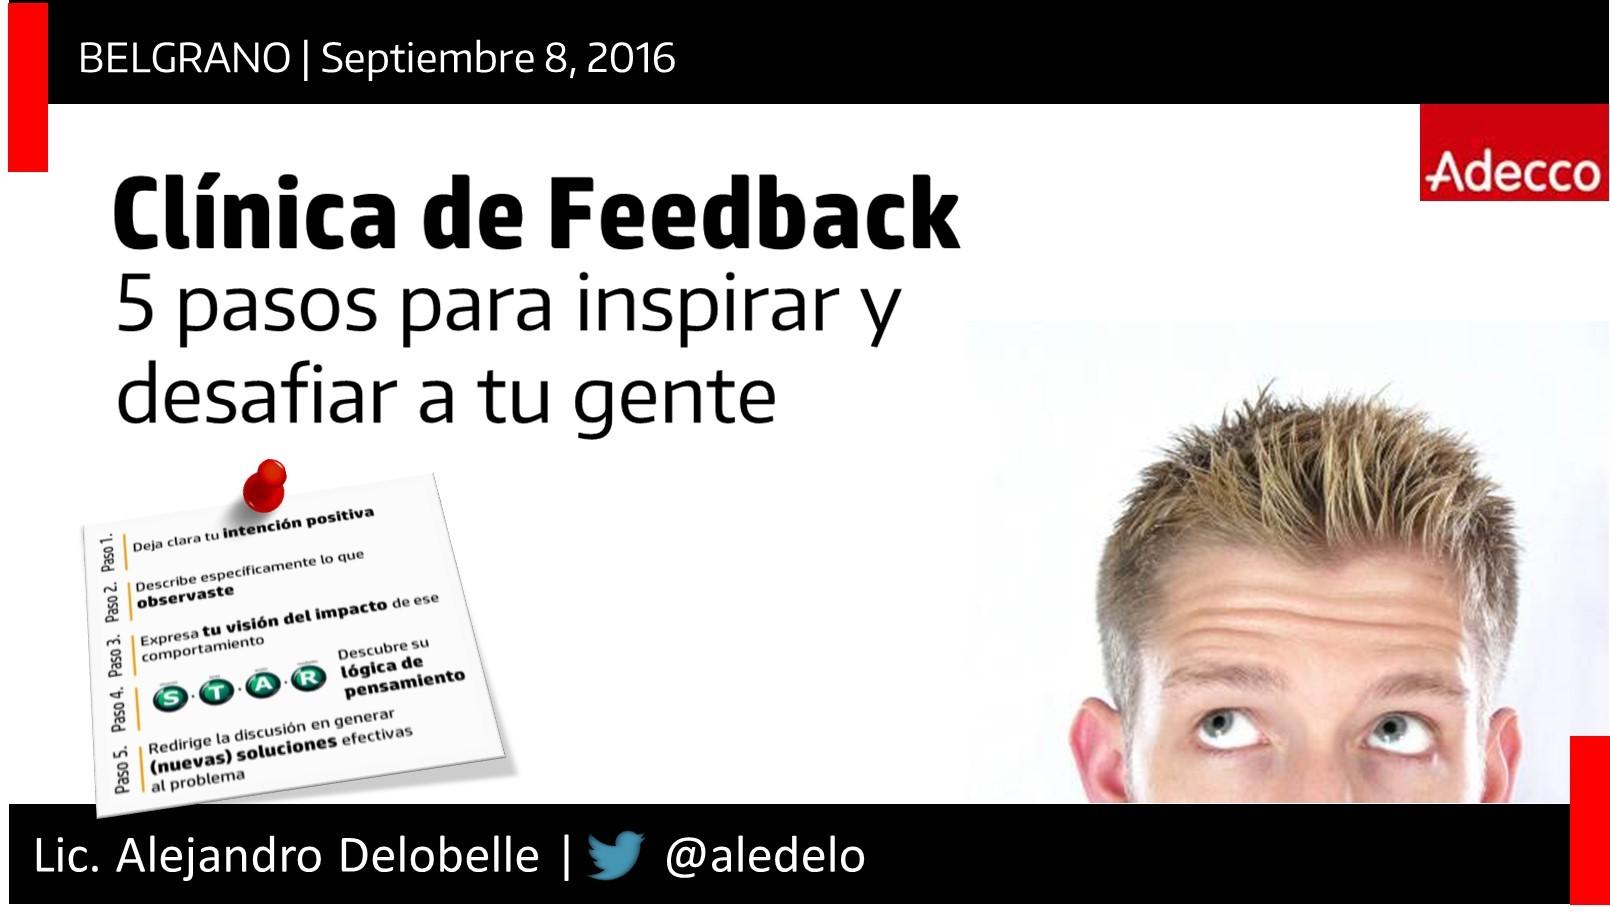 cover-presentacion-delobelle-adecco